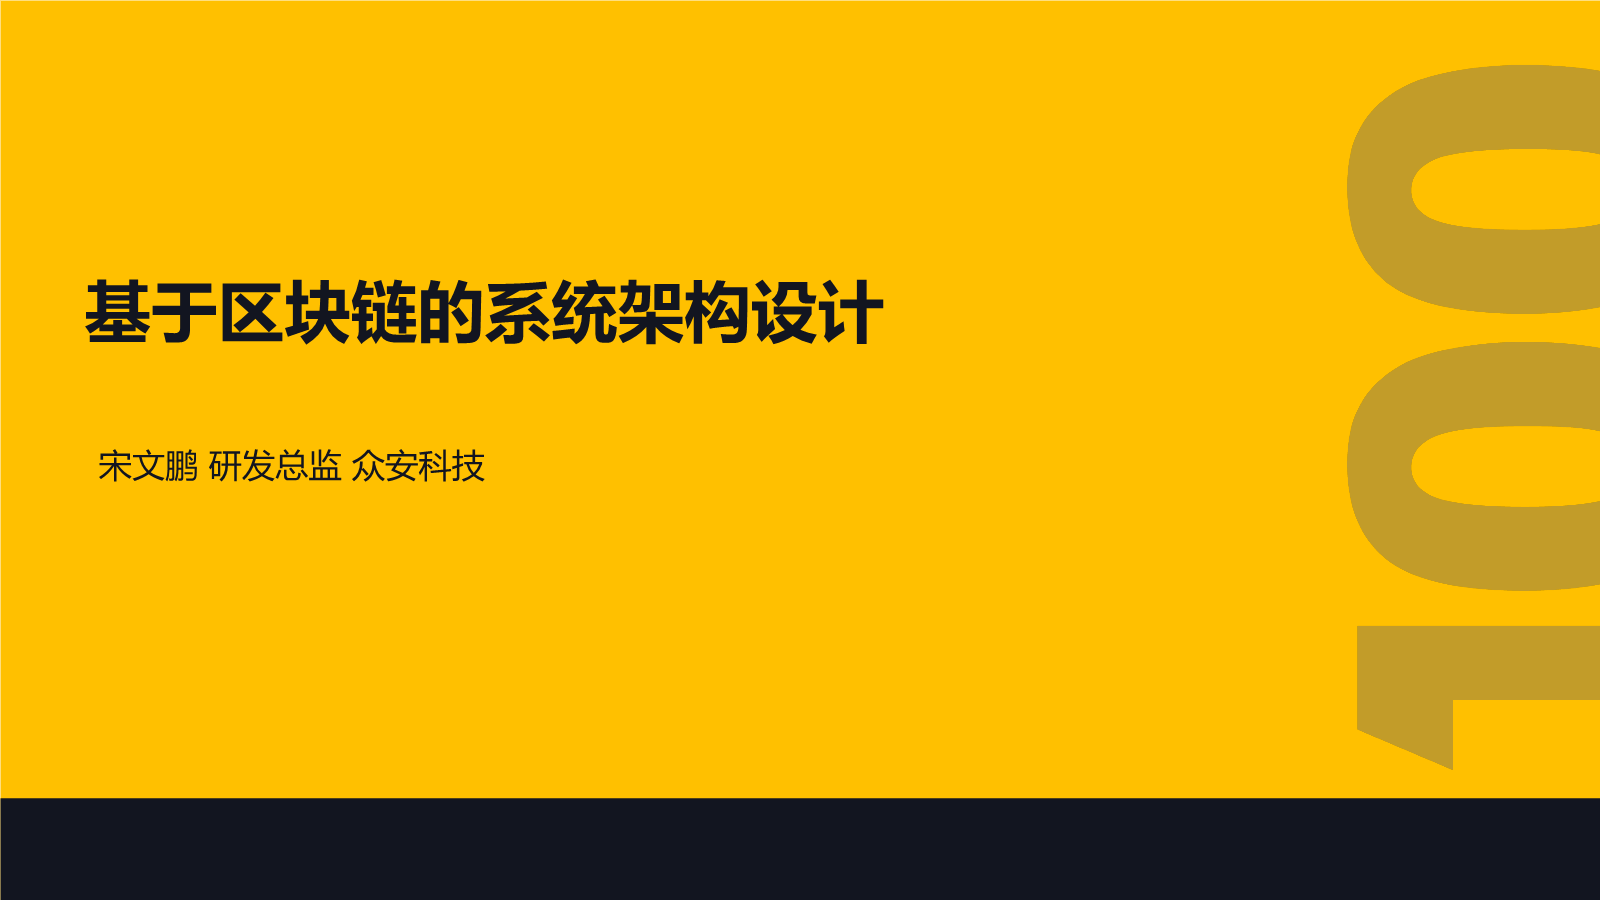 宋文鹏-基于区块链的系统架构设计